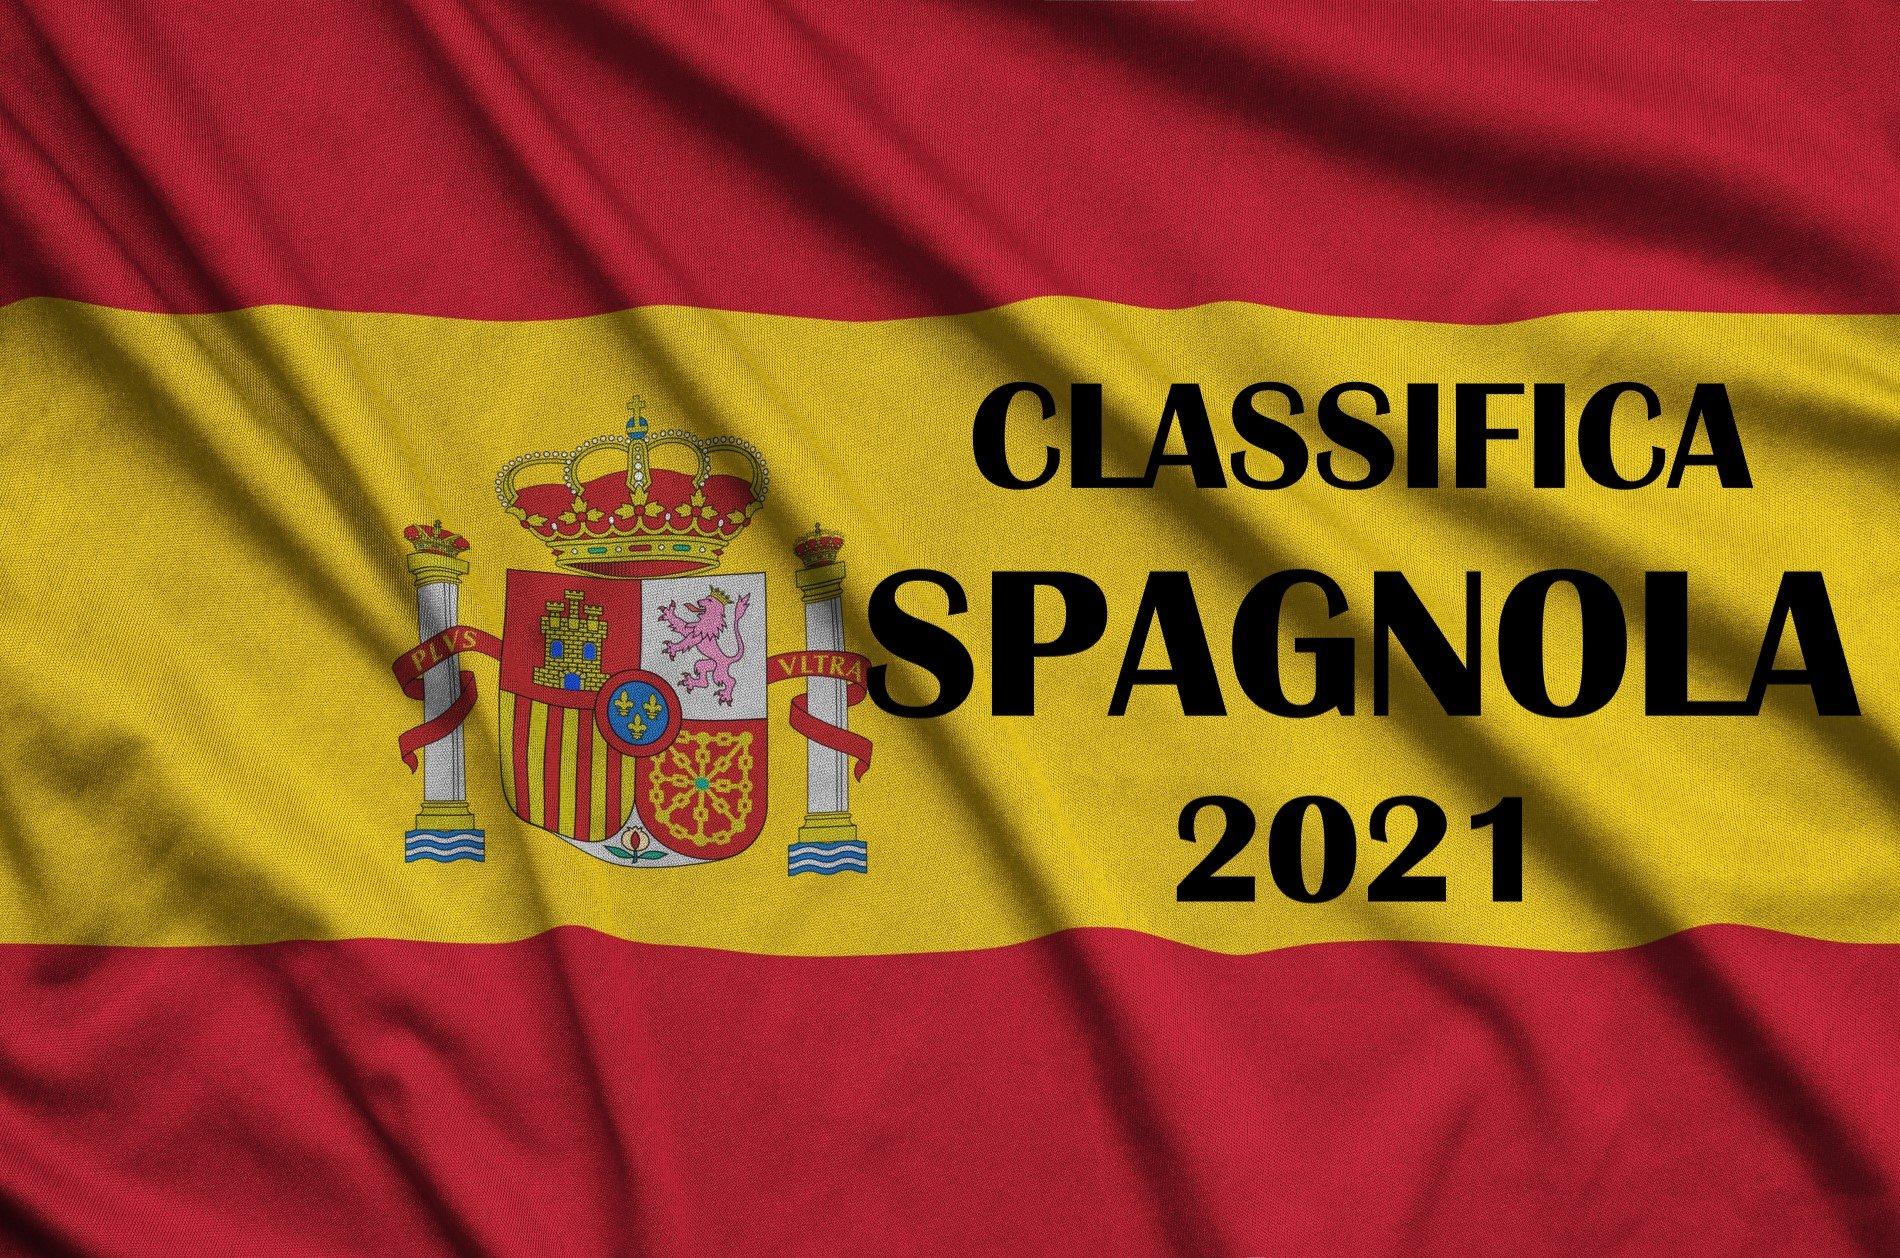 CLASSIFICA SPAGNOLA 2021